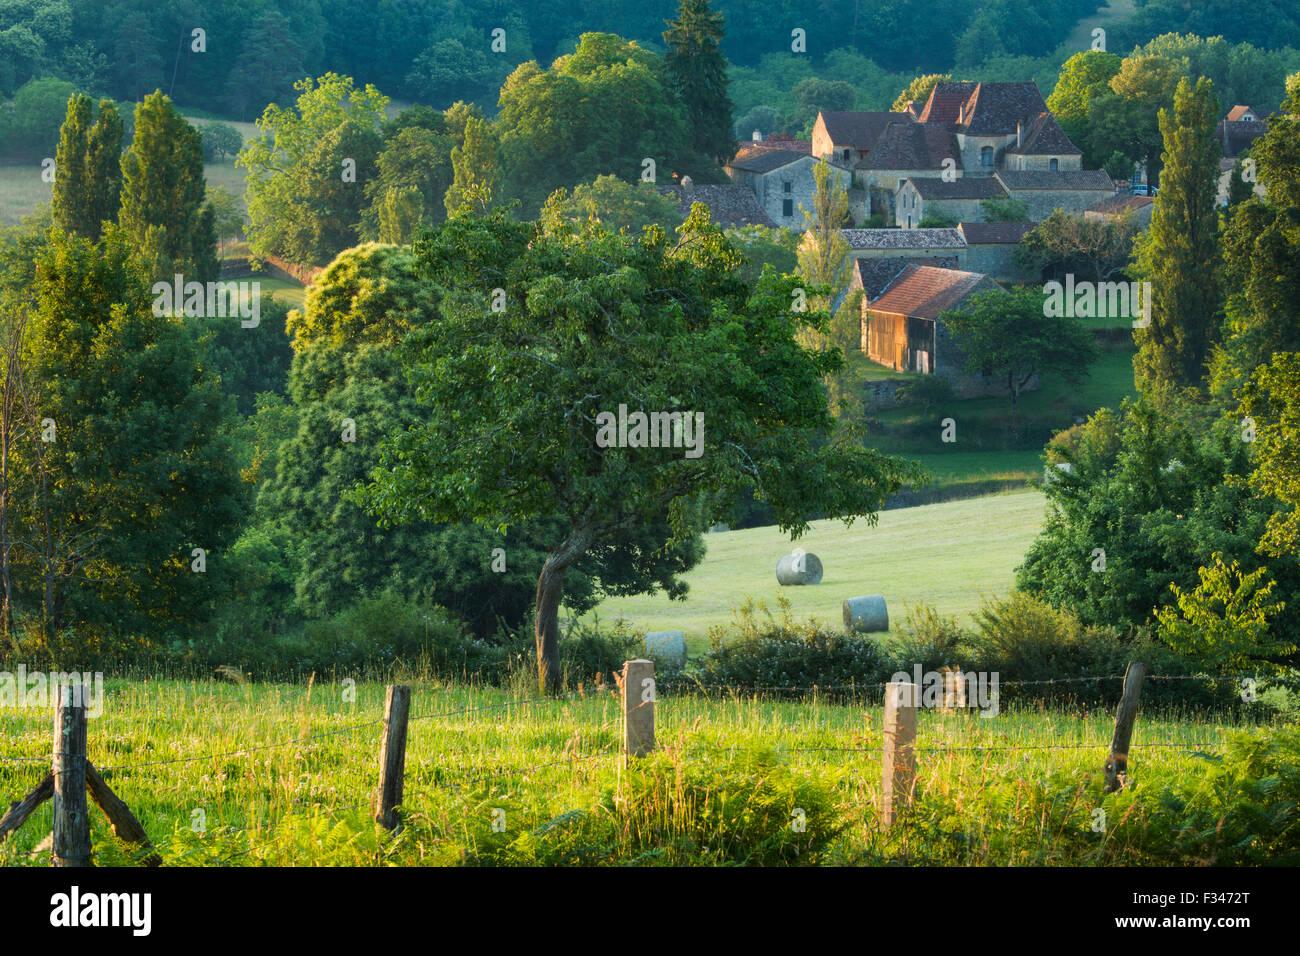 Molières, Pays de Bergerac, Périgord, Dordogne, Aquitaine, France - Stock Image